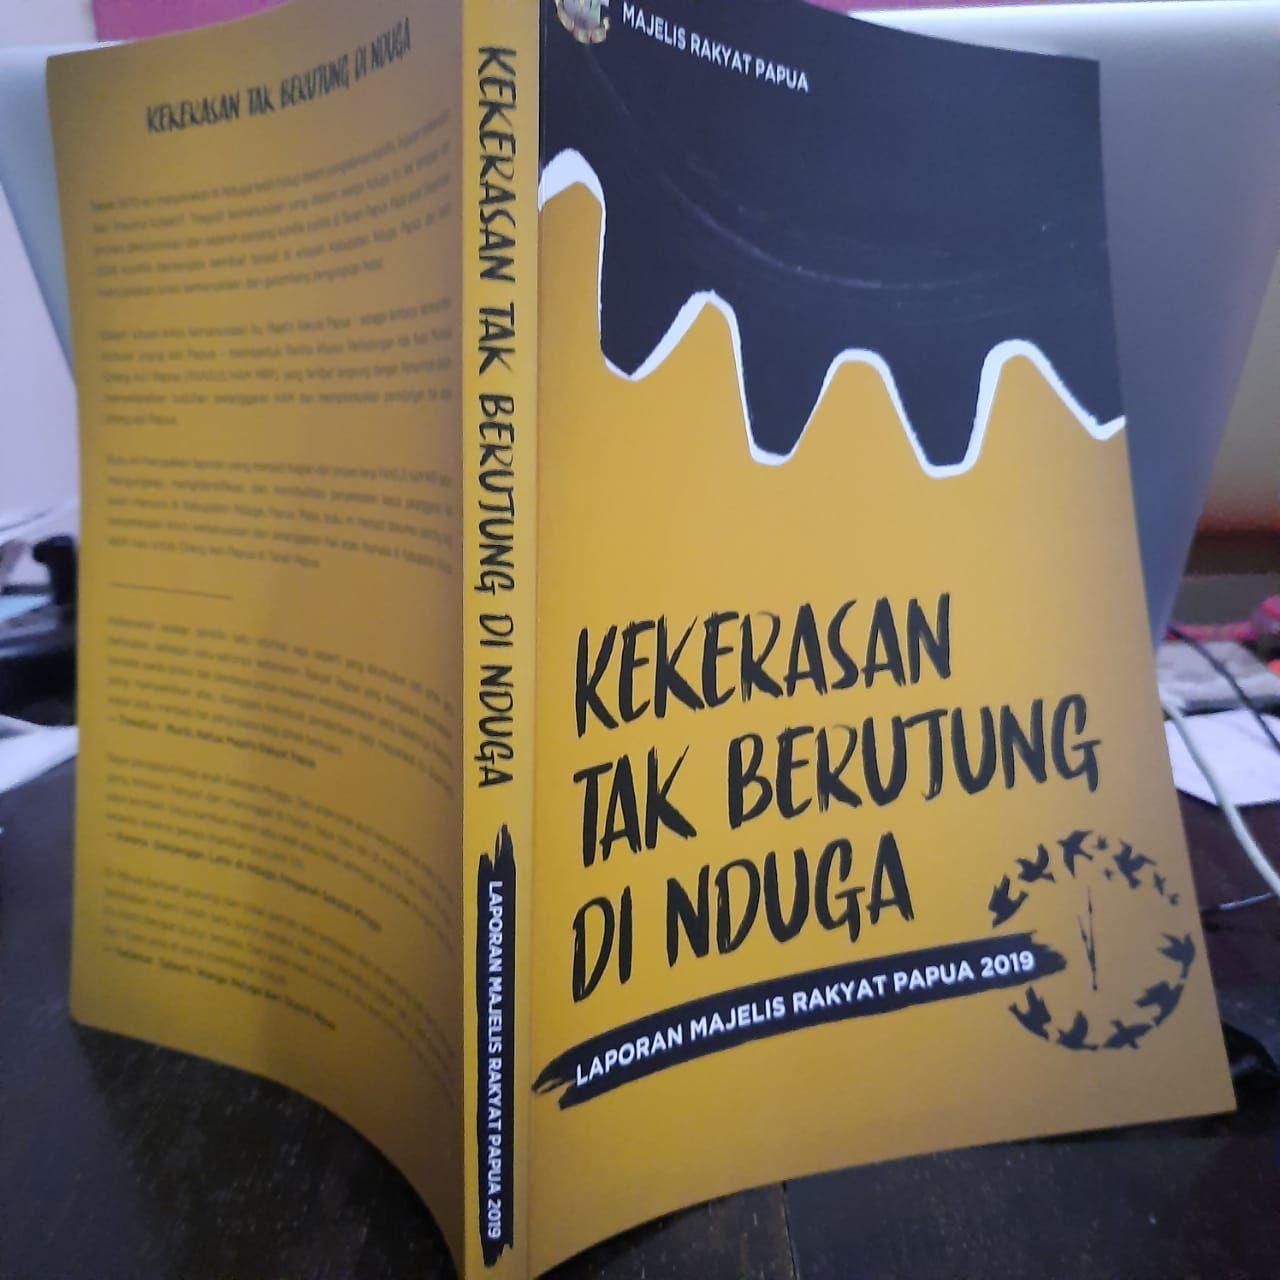 """Majelis Rakyat Papua meluncurkan buku """"Kekerasan tak Berujung di Nduga"""" di Jayapura, Papua, pada Senin (9/12/2019). – Jubi/Benny Mawel"""